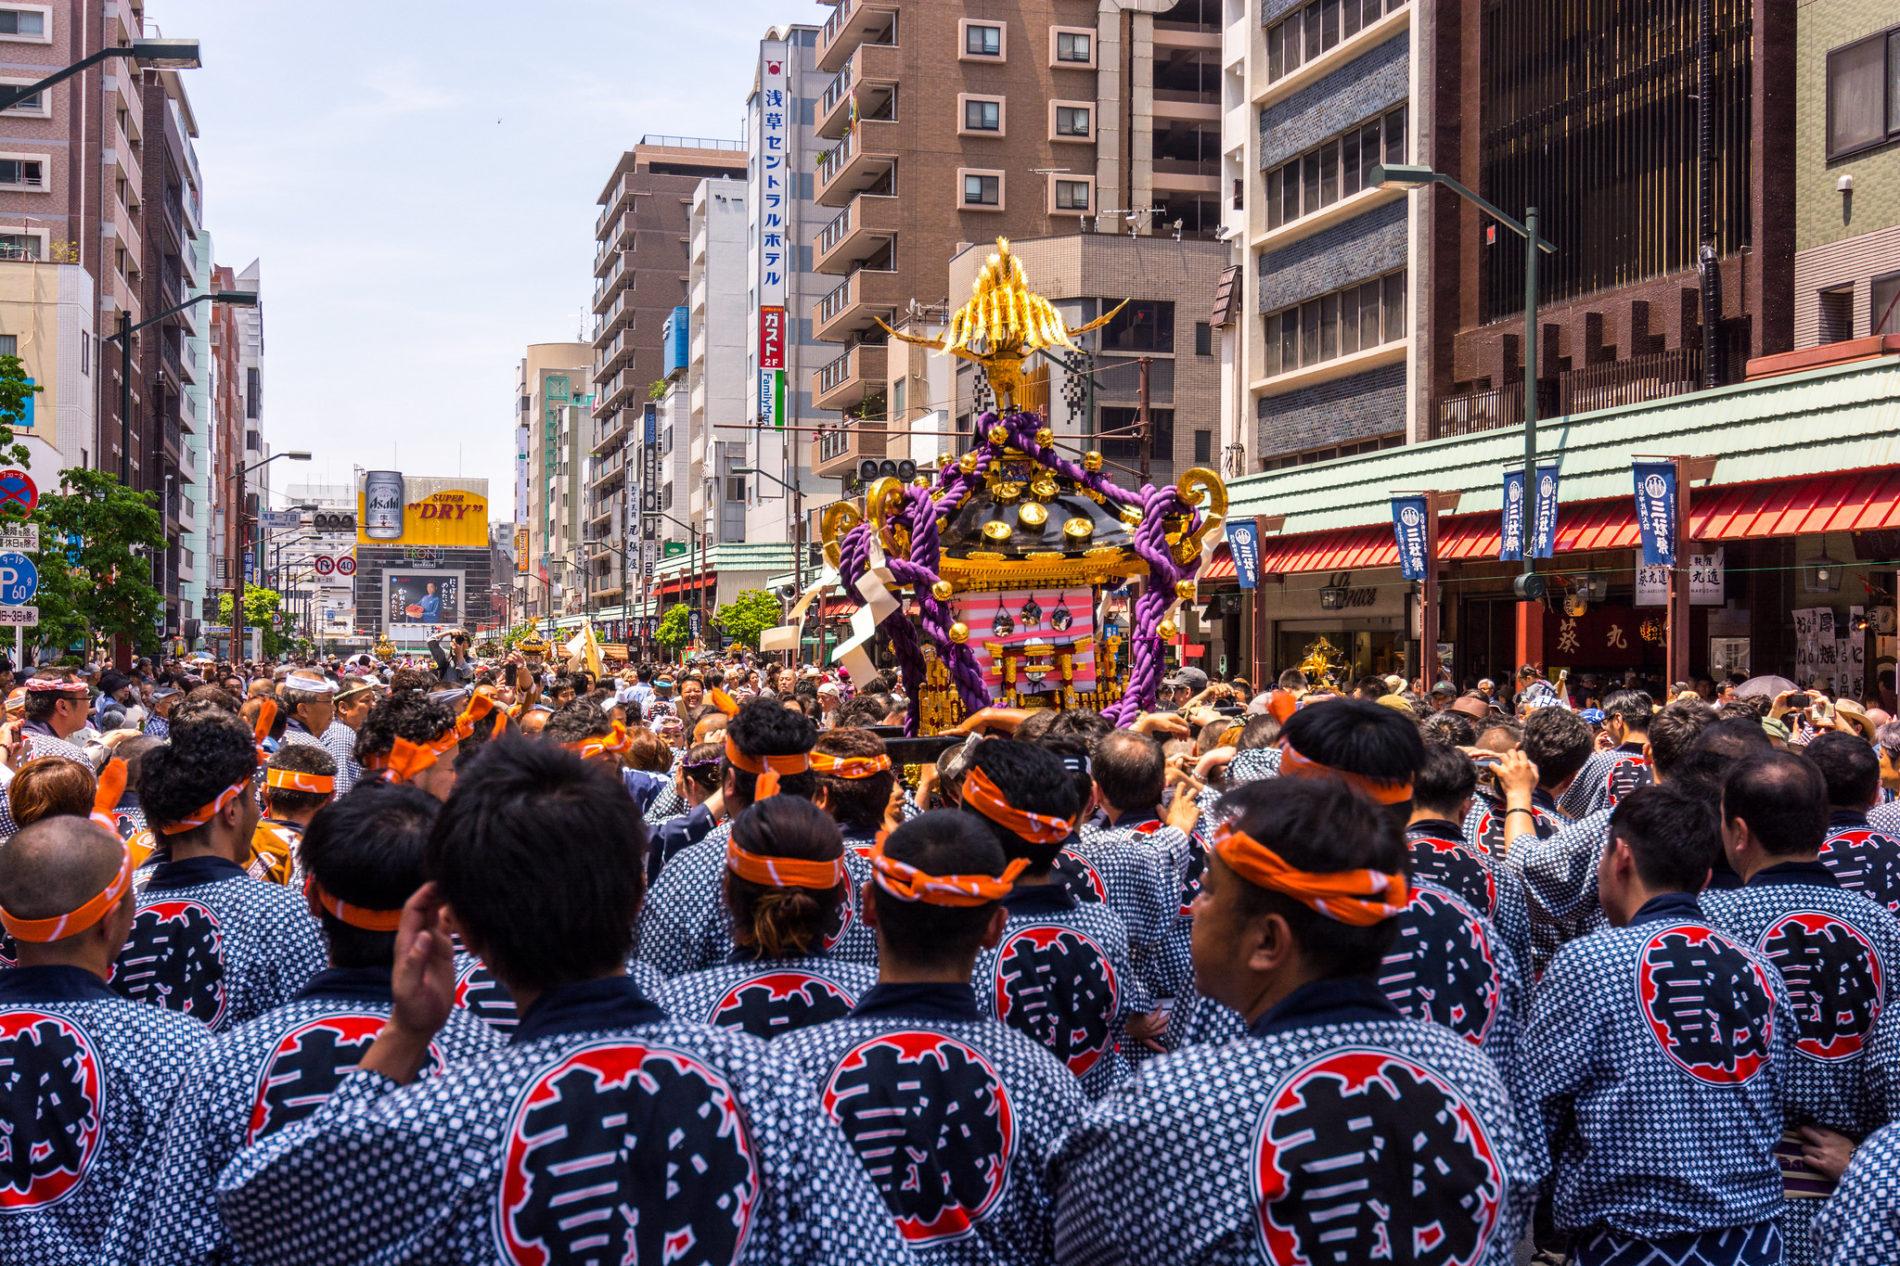 Beim Sanja Matsuri in Tōkyōs Stadtteil Asakusa wird ein o-mikoshi – eine Sänfte für die Götter – durch die Straßen getragen.